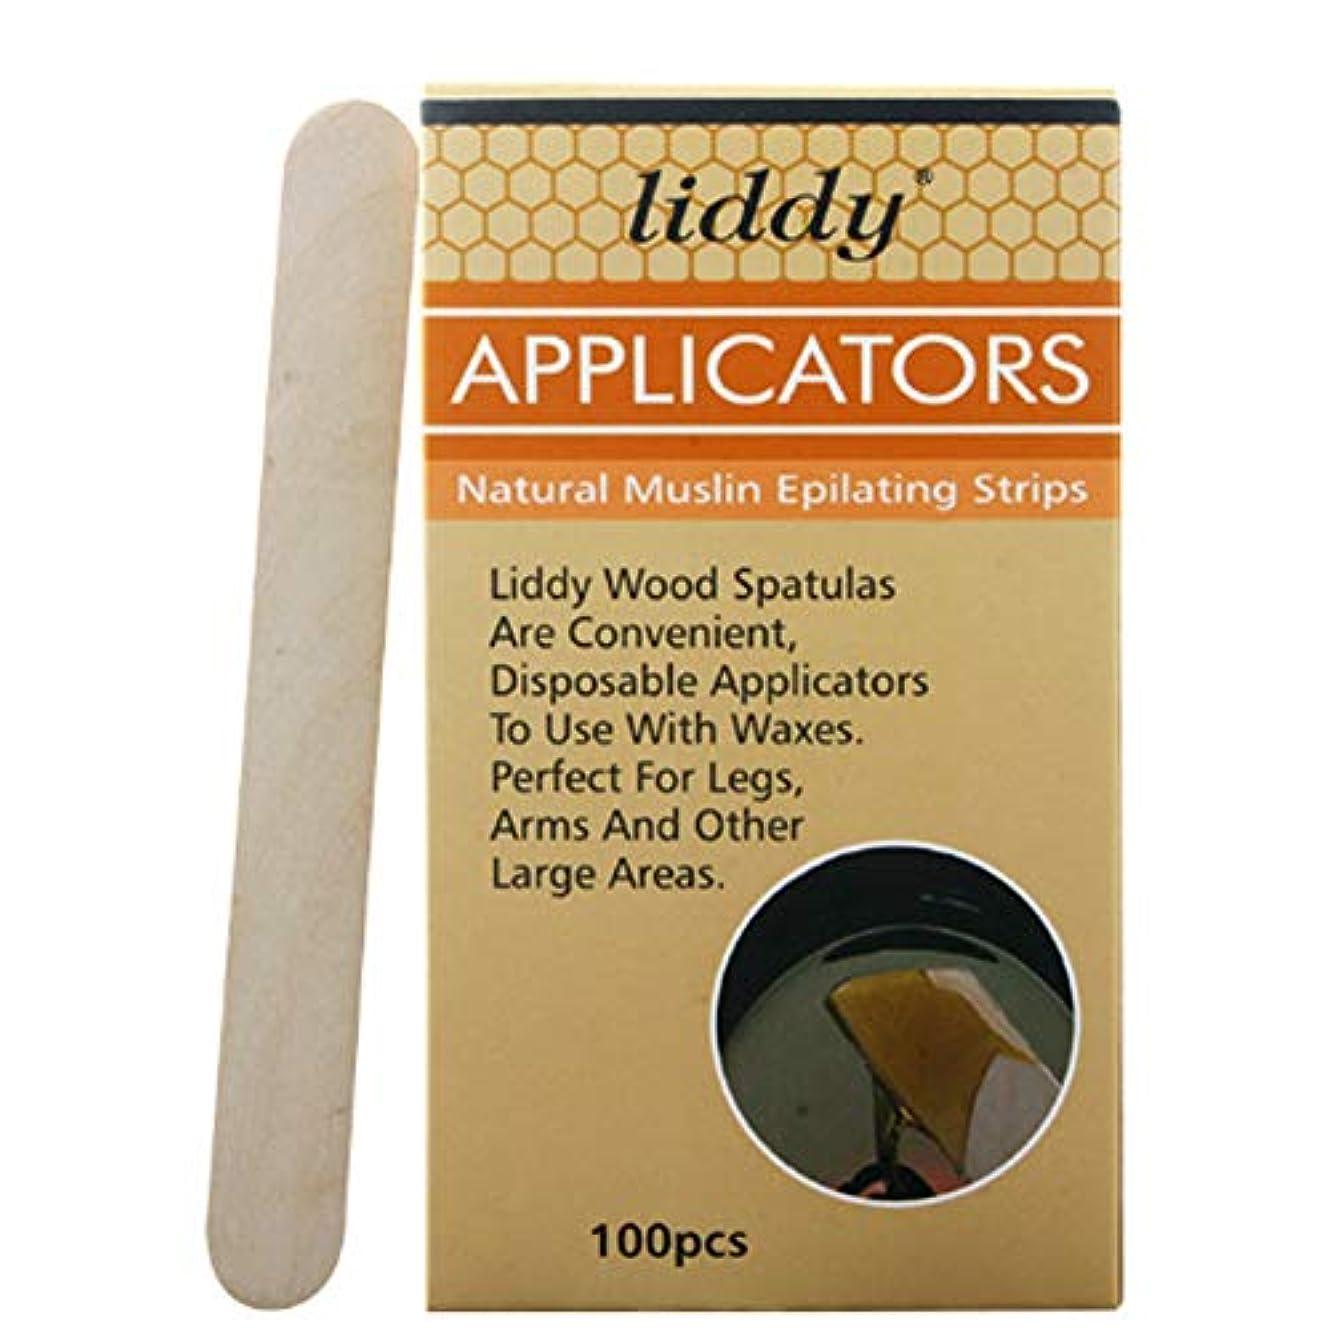 ハイブリッドおもてなしオーケストラCangad 木製 アイススティック棒 (アイスキャンディー棒) スパチュラ ブラジリアンワックス 脱毛 木ヘラ ワックス脱毛 100pcs (消毒済み)